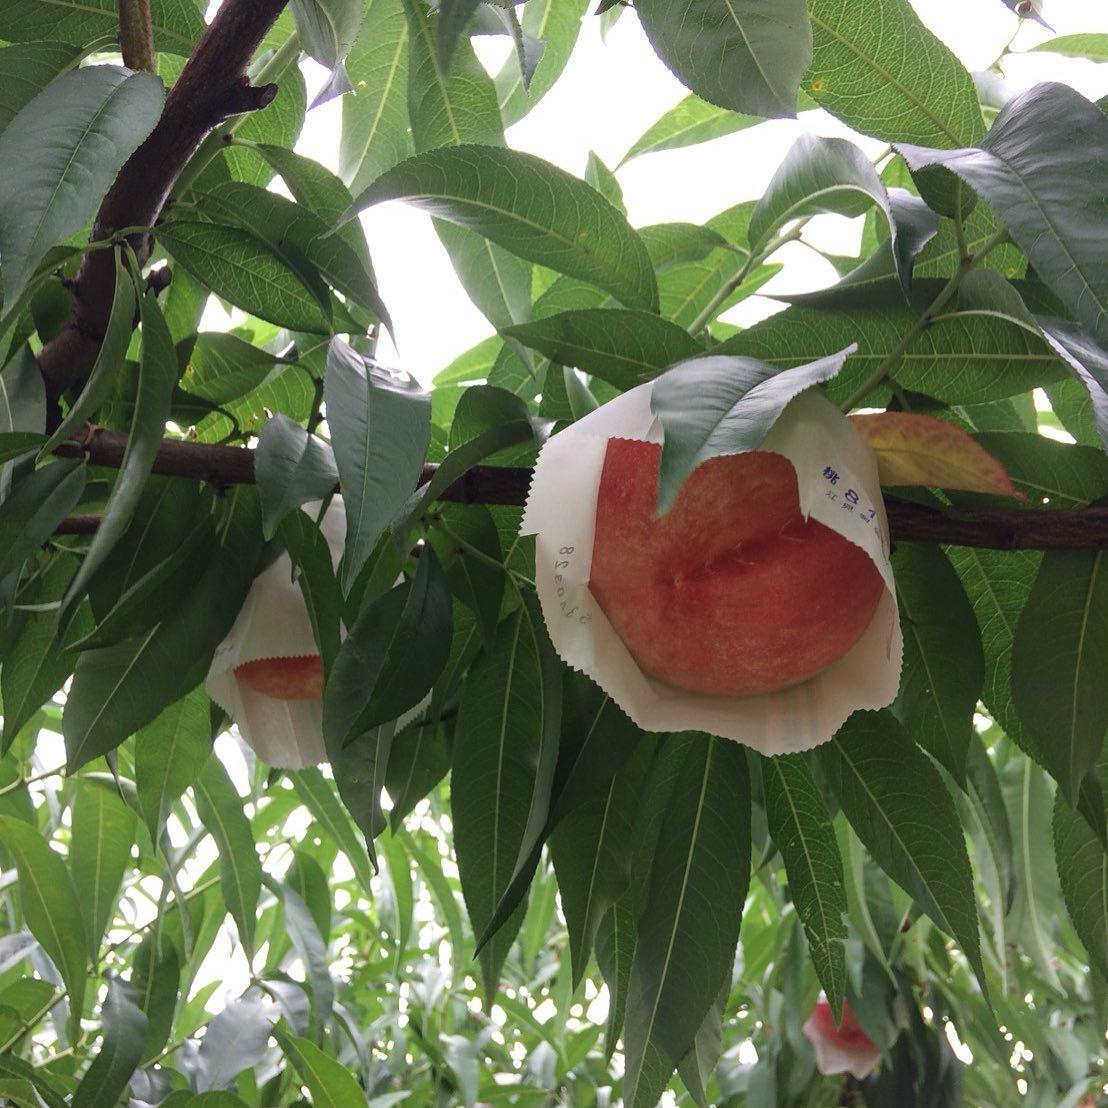 今の季節、うきは@赤司農園さんの桃が超オススメです!・お魚のカマスのマリネと桃のサラダ仕立て・桃とヨーグルトの冷製スープ・桃のコンポート(火入れ軽め)な感じでお出ししています。旬が短い桃を是非ご賞味くださいねお電話お待ちしてます!#イルフェソワフ #ワイン#日本酒 #薬院#警固